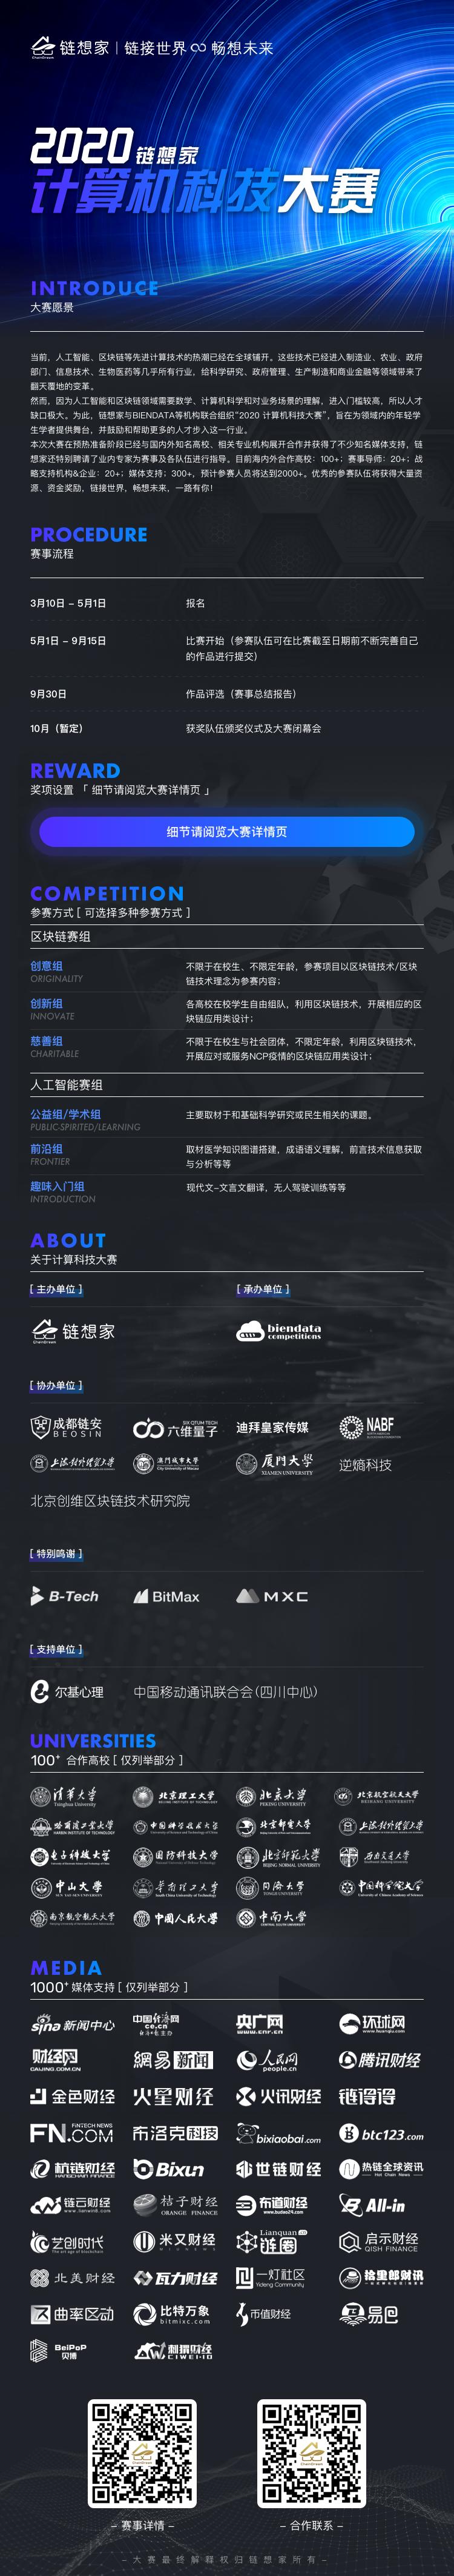 扬帆起航! 2020链想家计算机科技大赛正式启动报名-启示财经